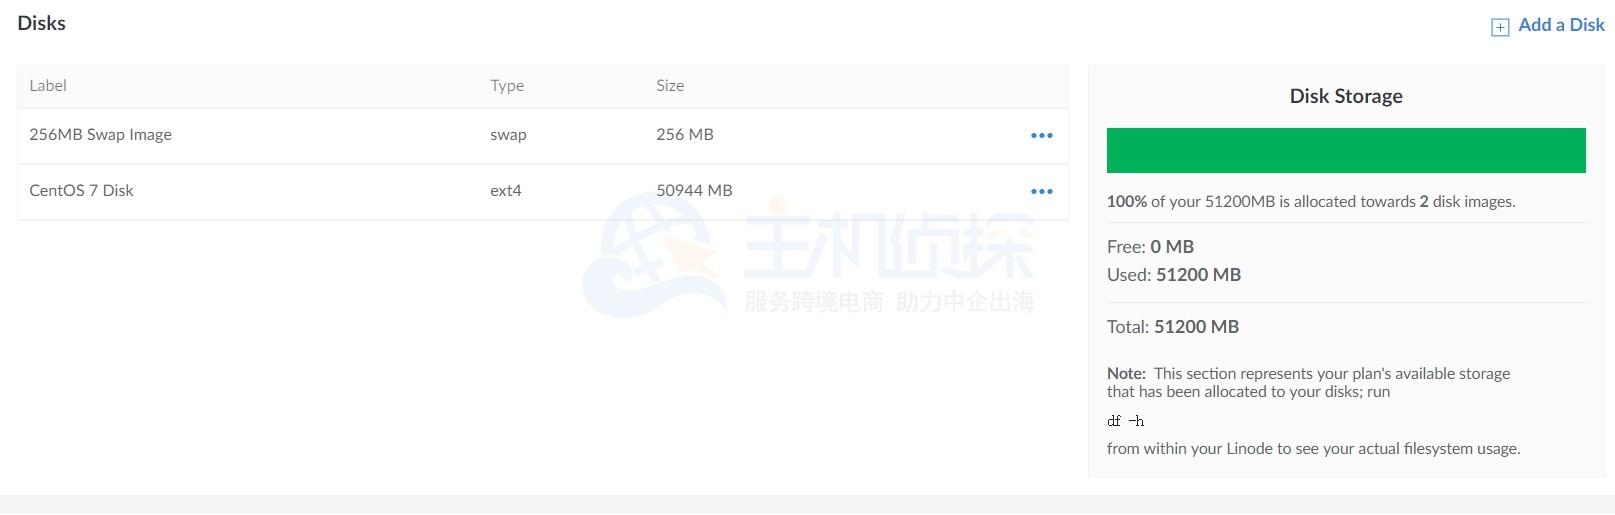 linode配置升级之后的硬盘容量增加